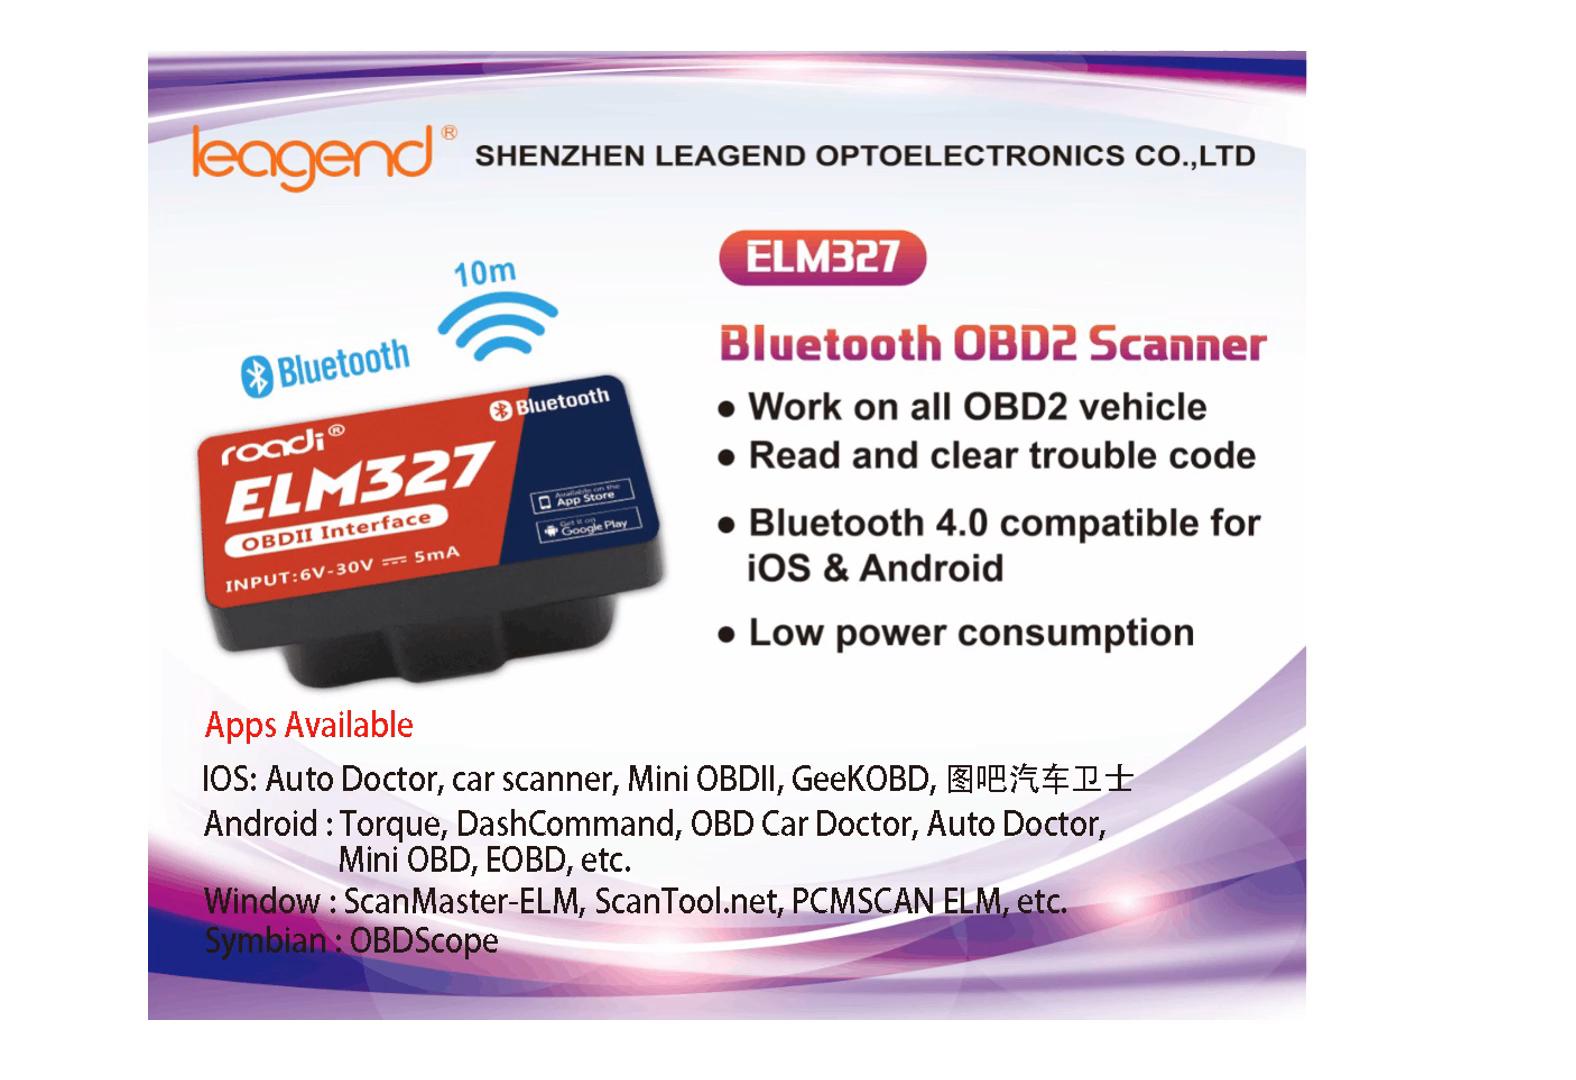 זול Bluetooths Obd2 אוטומטי סורק מתאם אלחוטי HUD Obdii Obd 2 אוטומטי כלי סריקה